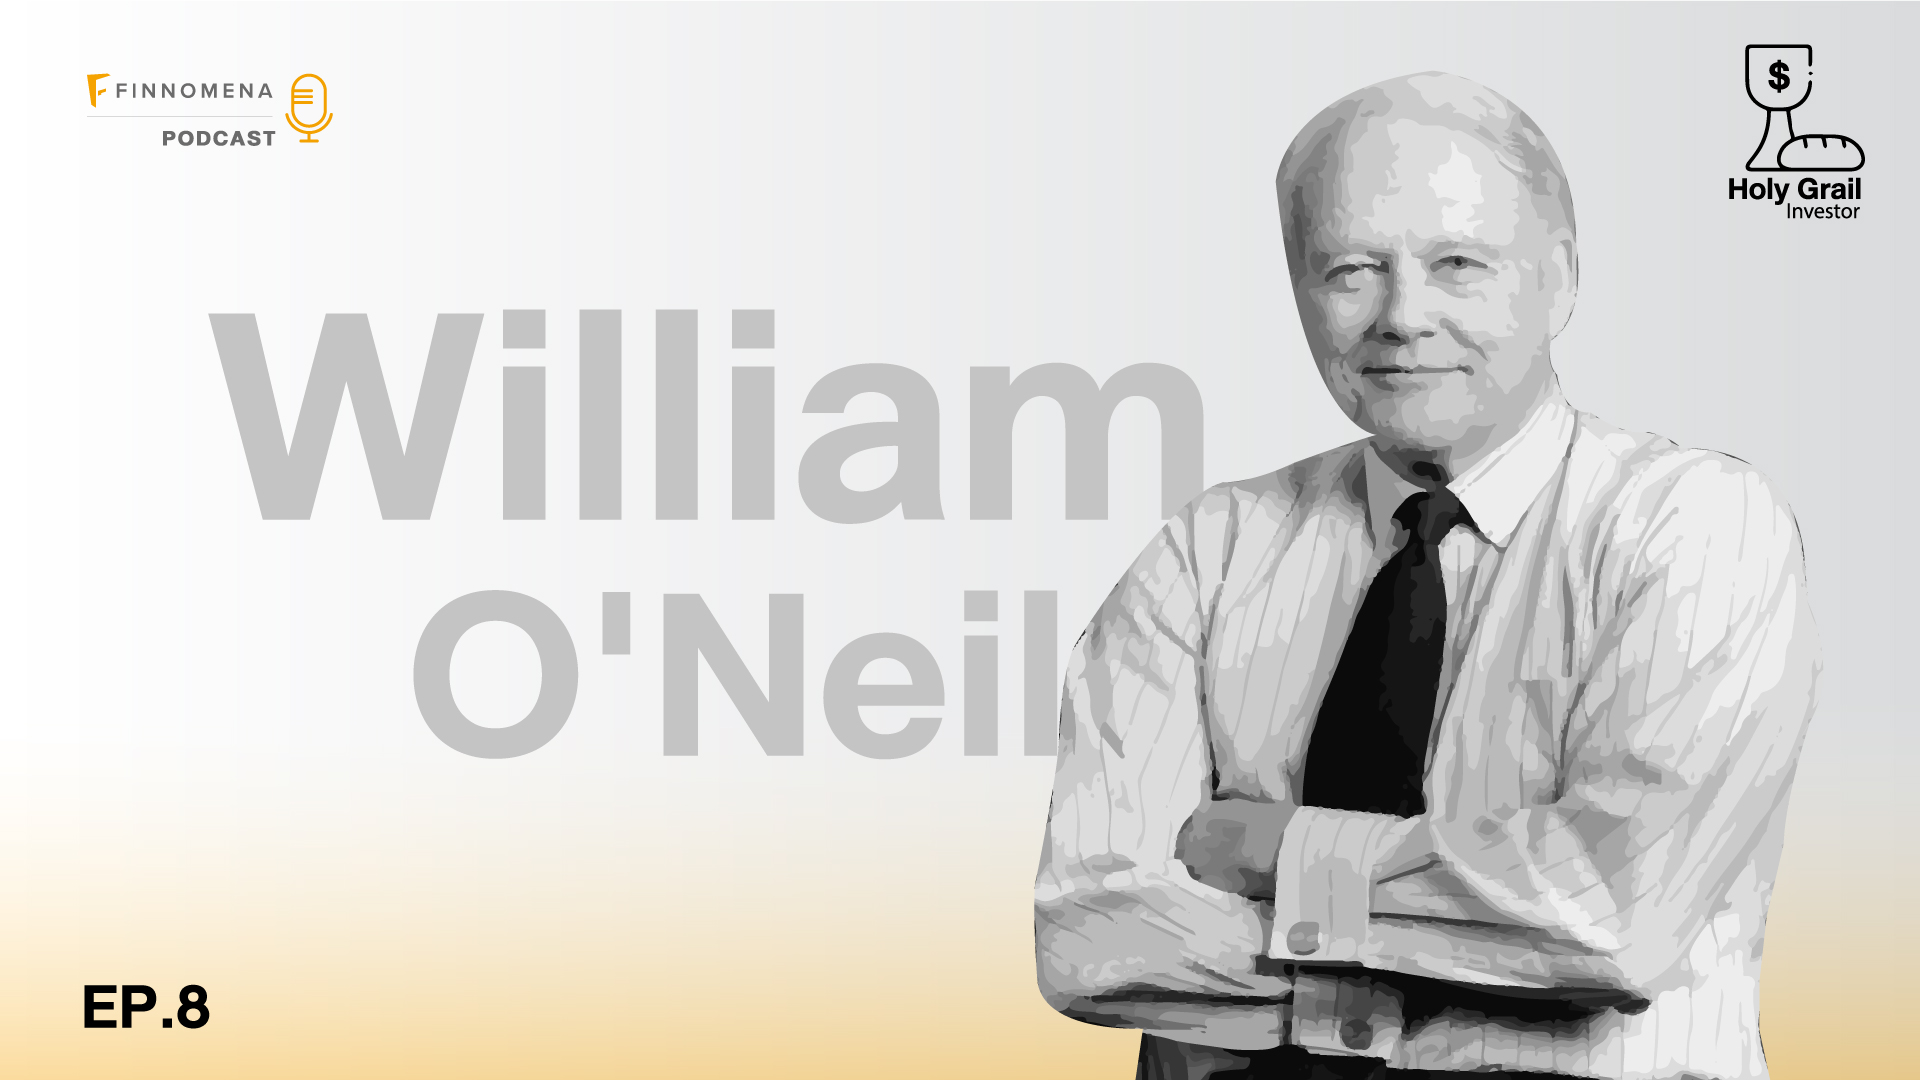 """Holy Grail Podcast EP.8: วิลเลียม โอนีล ศาสดาแห่งการลงทุน """"ลูกผสม"""""""